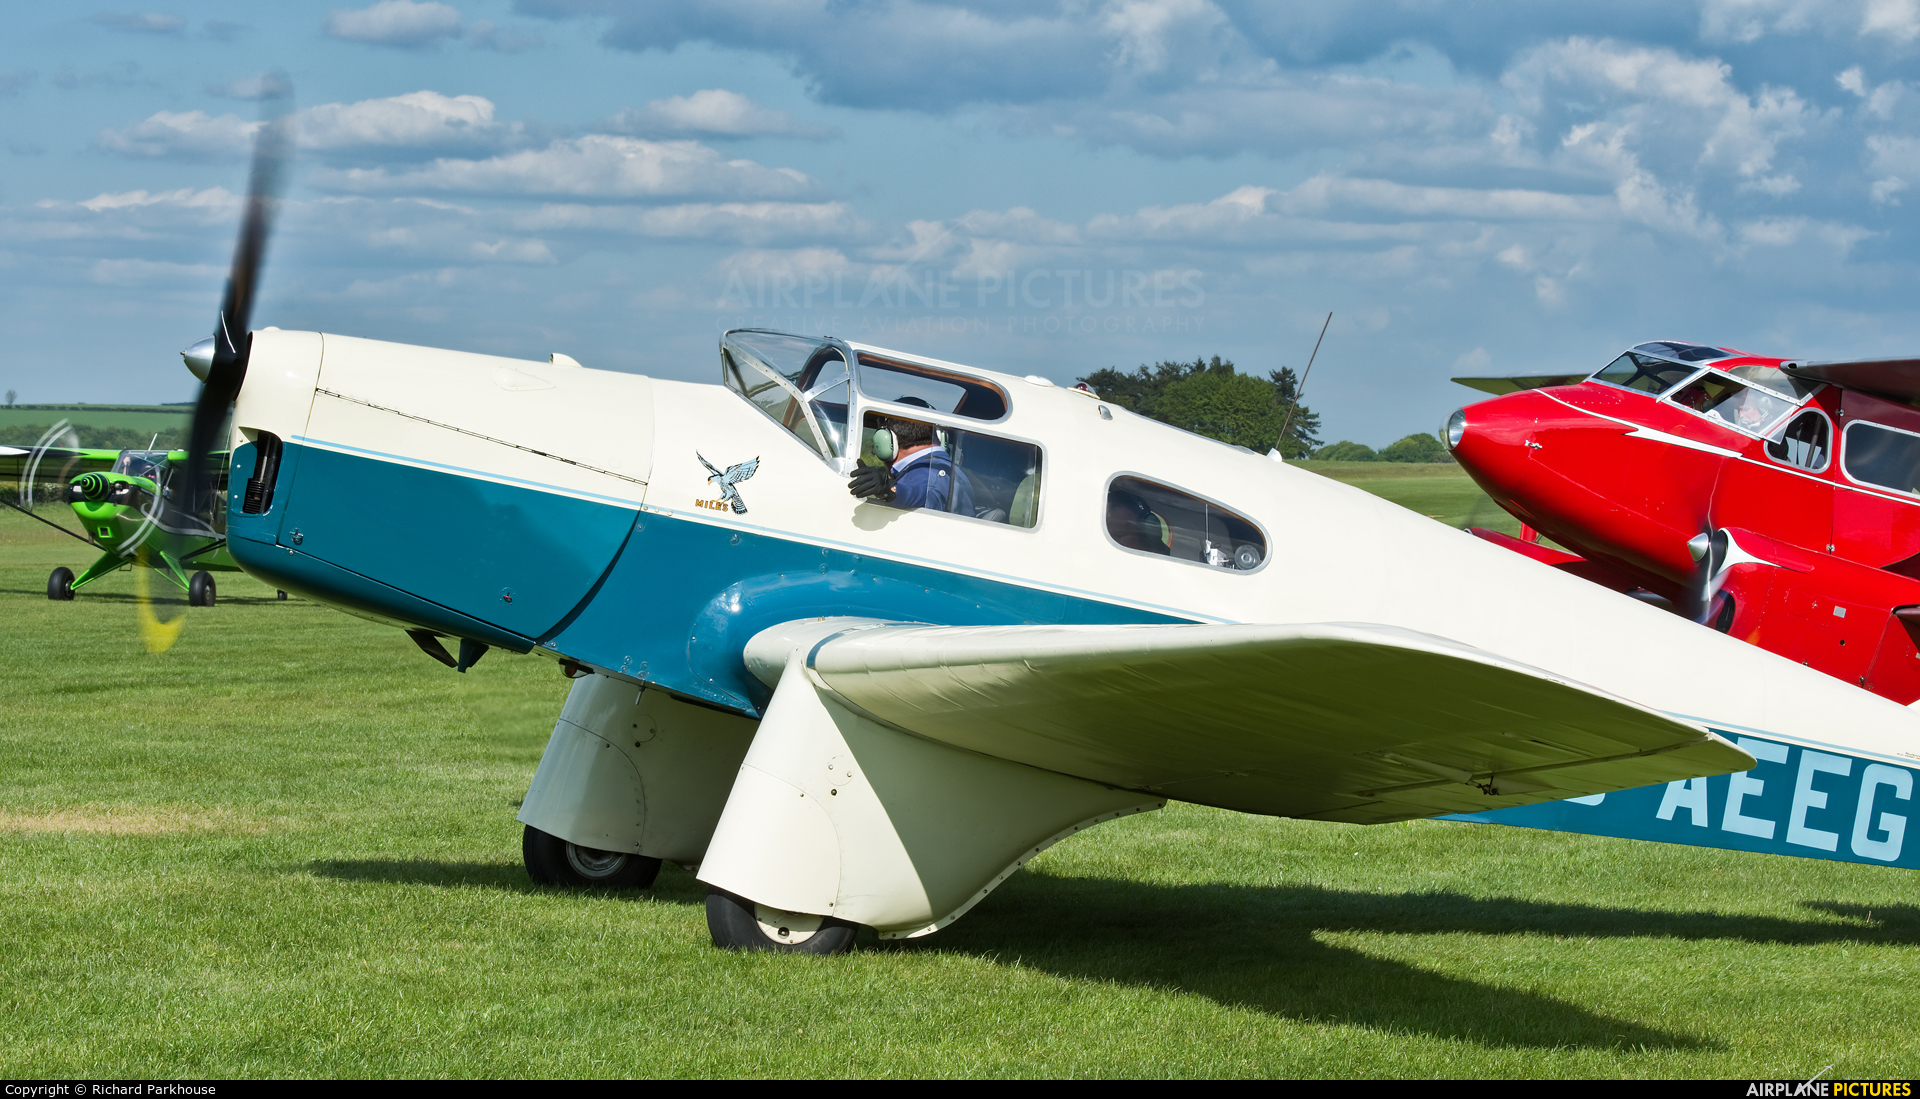 Private G-AEEG aircraft at Compton Abbas